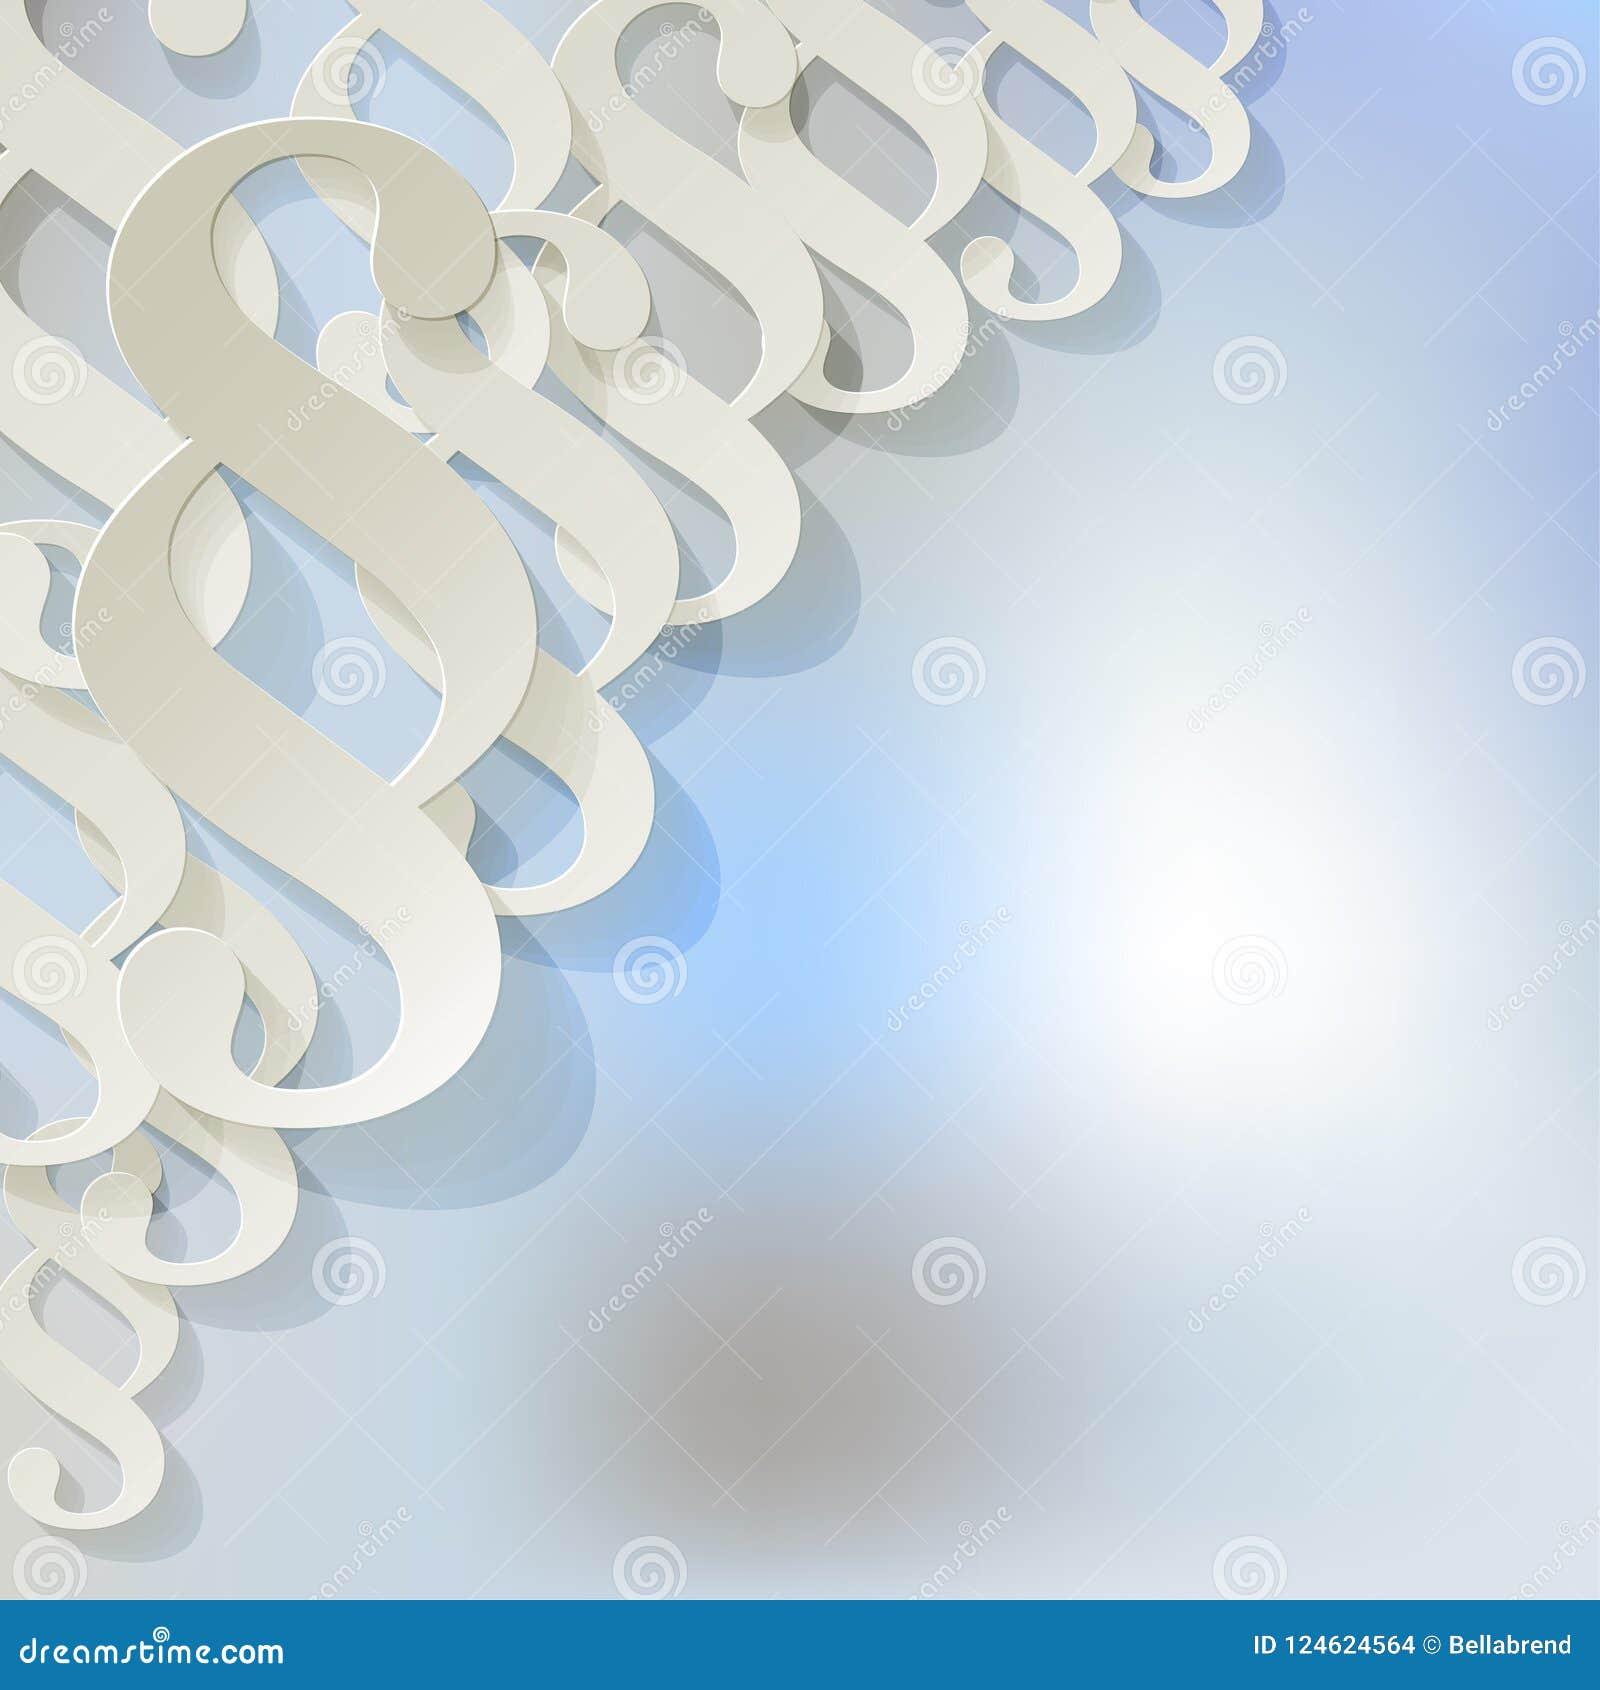 Teilen Sie Weißes Symbol In Der Ecke Auf Einem Hellblauen